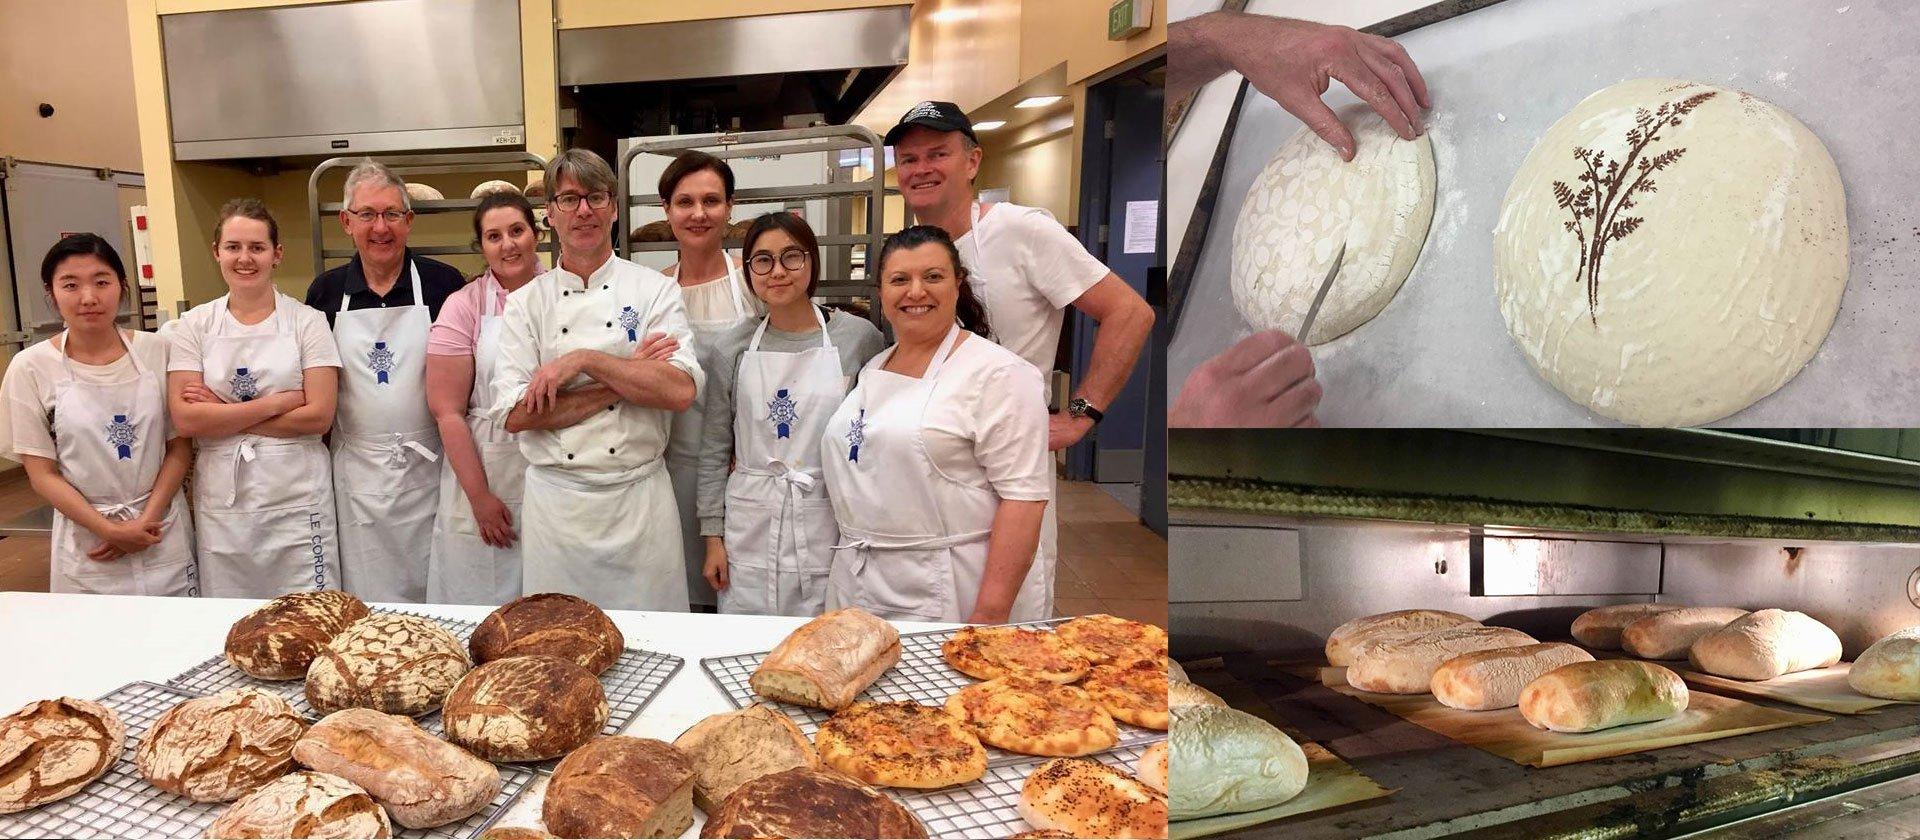 Le Cordon Bleu Adelaide short course - Artisan Traditional Bread Baking Workshop